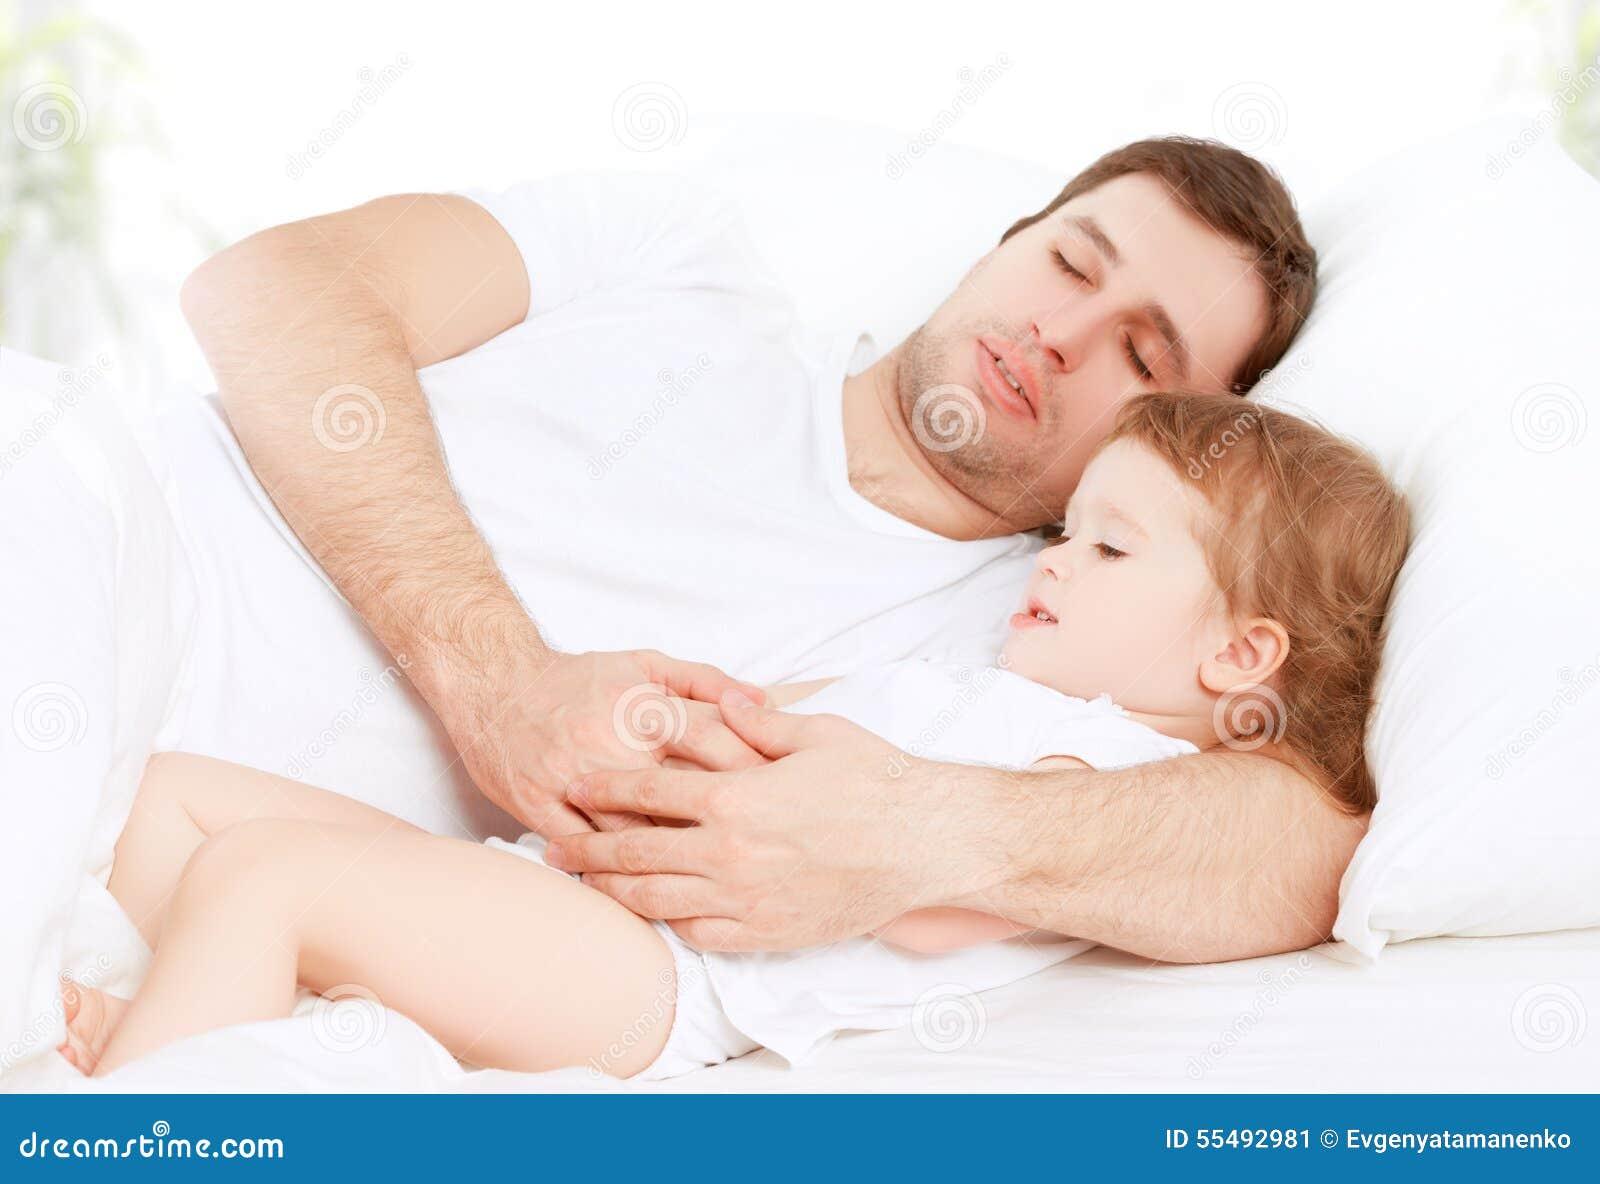 Glücklicher Familienvater und Kinderbabytochter, die im Bett schläft